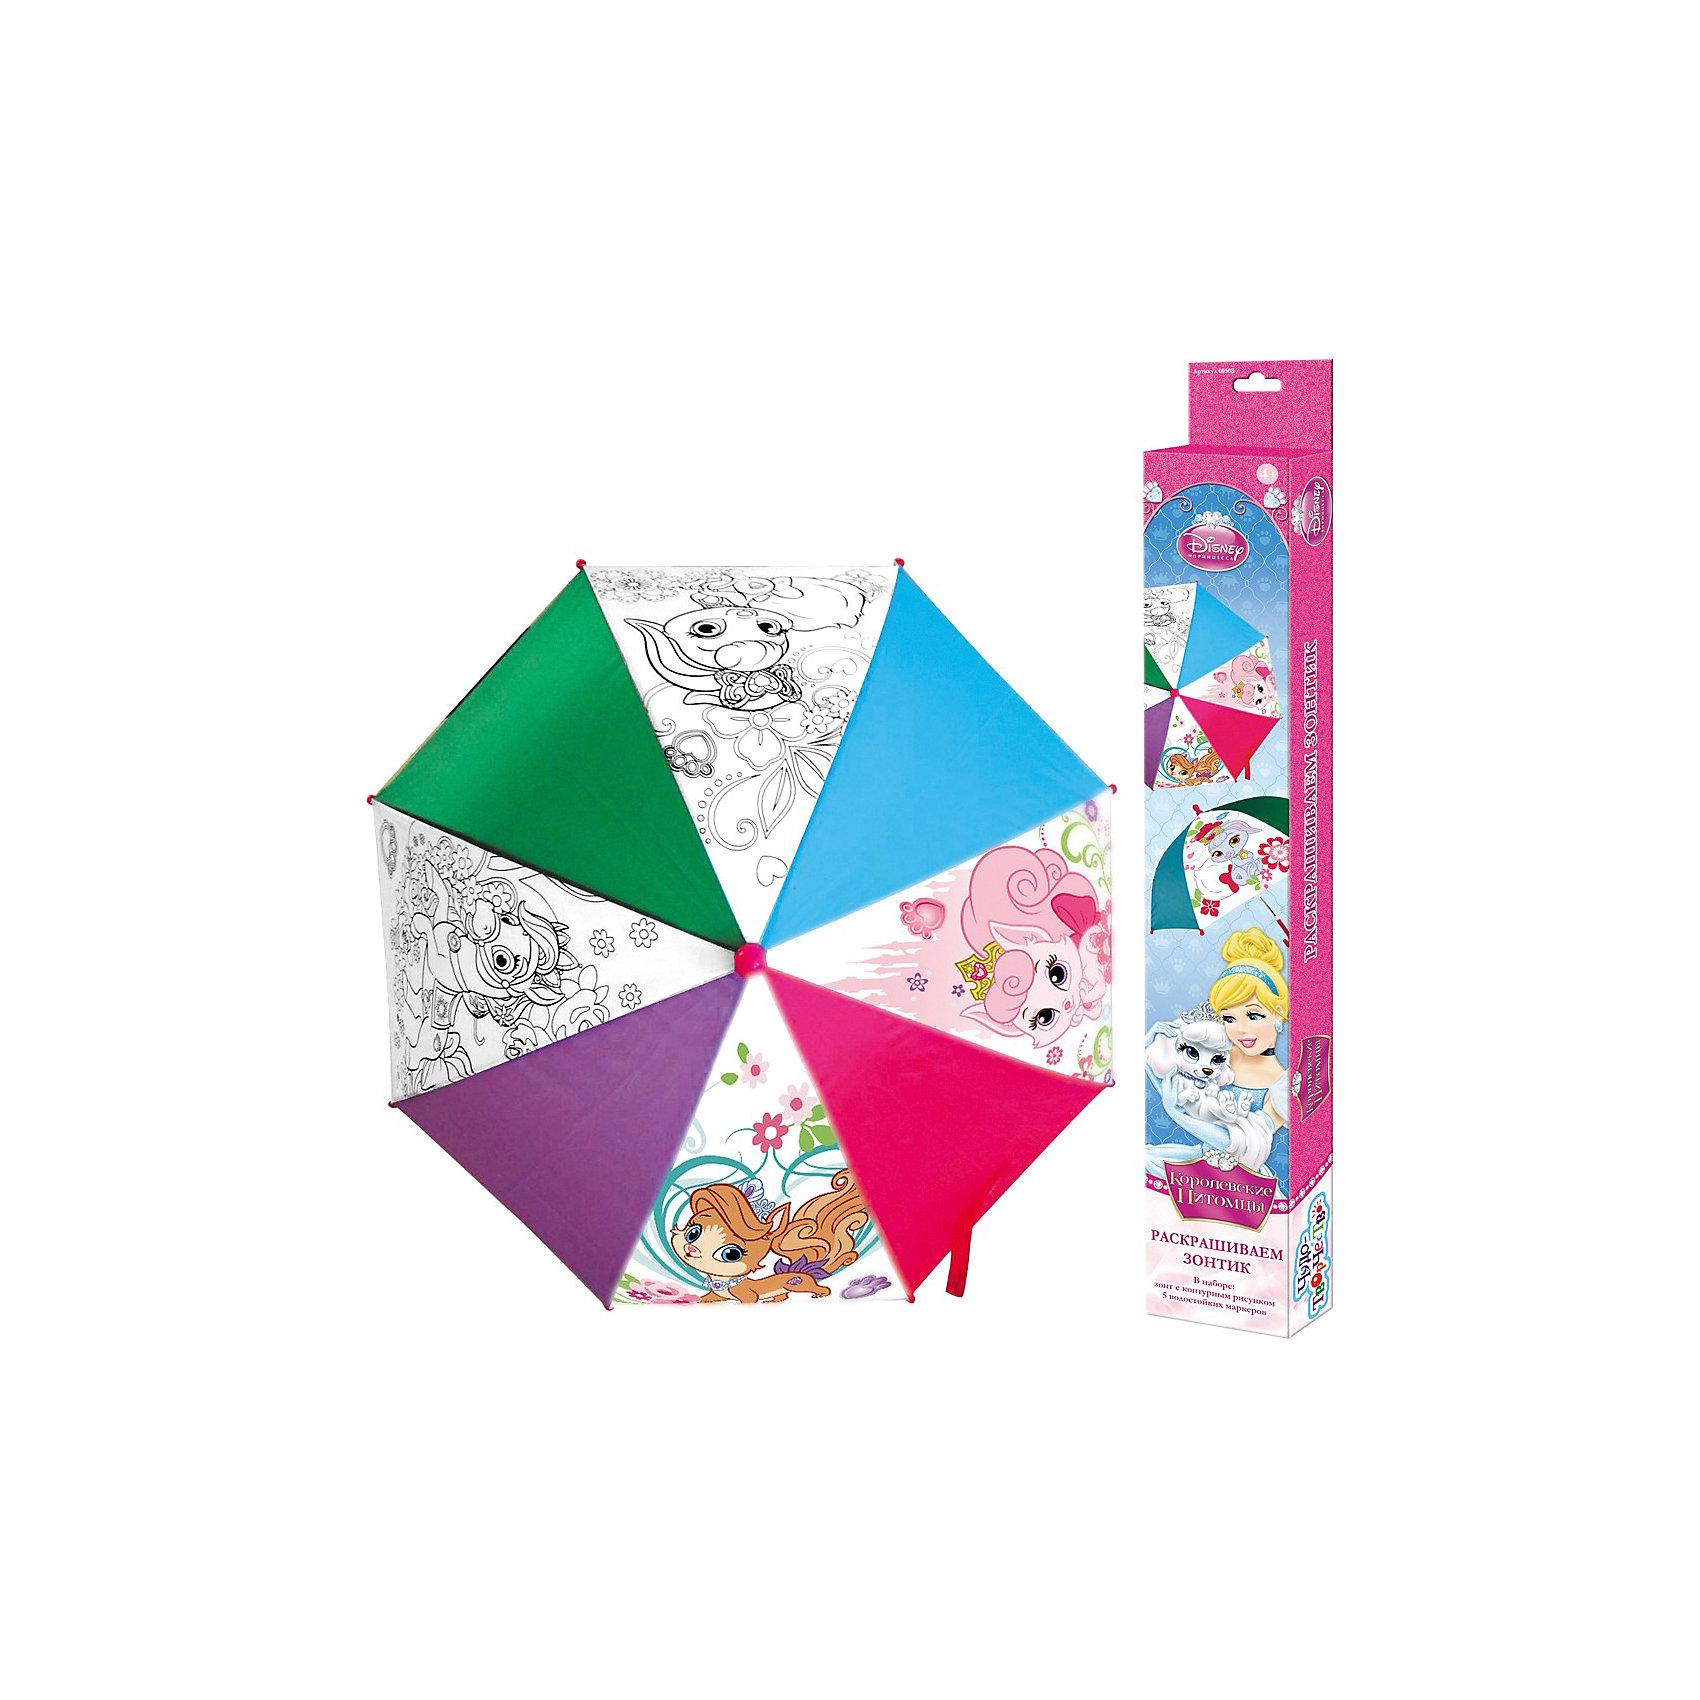 Зонтик для раскрашивания Принцессы Дисней Королевские питомцы, ОригамиЗонтик для раскрашивания Disney Princess Королевские питомцы, Оригами – это зонтик с нанесёнными контурами персонажей известного мультика.<br>Зонтик для раскрашивания Королевские питомцы Disney с изображением домашних животных знаменитых диснеевских принцесс. На зонтике изображены: очаровательная кошечка Милашка, которую нашла Аврора в королевском саду; милая зайка Ягодка, также найденная Белоснежкой в саду; игривая Жемчужинка - кошечка, встреченная Ариэль во время морского путешествия с Принцем, и Звёздочка - самая элегантная лошадка Королевского полка, ставшая настоящим другом Рапунцель. Раскрашивать их нужно с помощью специальных маркеров, включенных в комплект. Маркеры полностью водостойкие, поэтому после того, как малыш раскрасит весь зонтик, он сможет укрываться им от дождя. Представляете, как кроха будет гордиться зонтиком, разукрашенным самостоятельно?<br><br>Дополнительная информация:<br><br>- В набор входит: зонтик с розовой окантовкой 56 см; 5 водостойких маркеров<br>- Материал: пластик, текстиль<br>- Оригинальные лицензионные картинки<br>- Стойкие маркеры<br>- Специальная пропитка ткани на зонте, не позволяющая маркерам растекаться!<br><br>Зонтик для раскрашивания Disney Princess Королевские питомцы, Оригами можно купить в нашем интернет-магазине.<br><br>Ширина мм: 50<br>Глубина мм: 600<br>Высота мм: 100<br>Вес г: 600<br>Возраст от месяцев: 48<br>Возраст до месяцев: 108<br>Пол: Унисекс<br>Возраст: Детский<br>SKU: 3911424